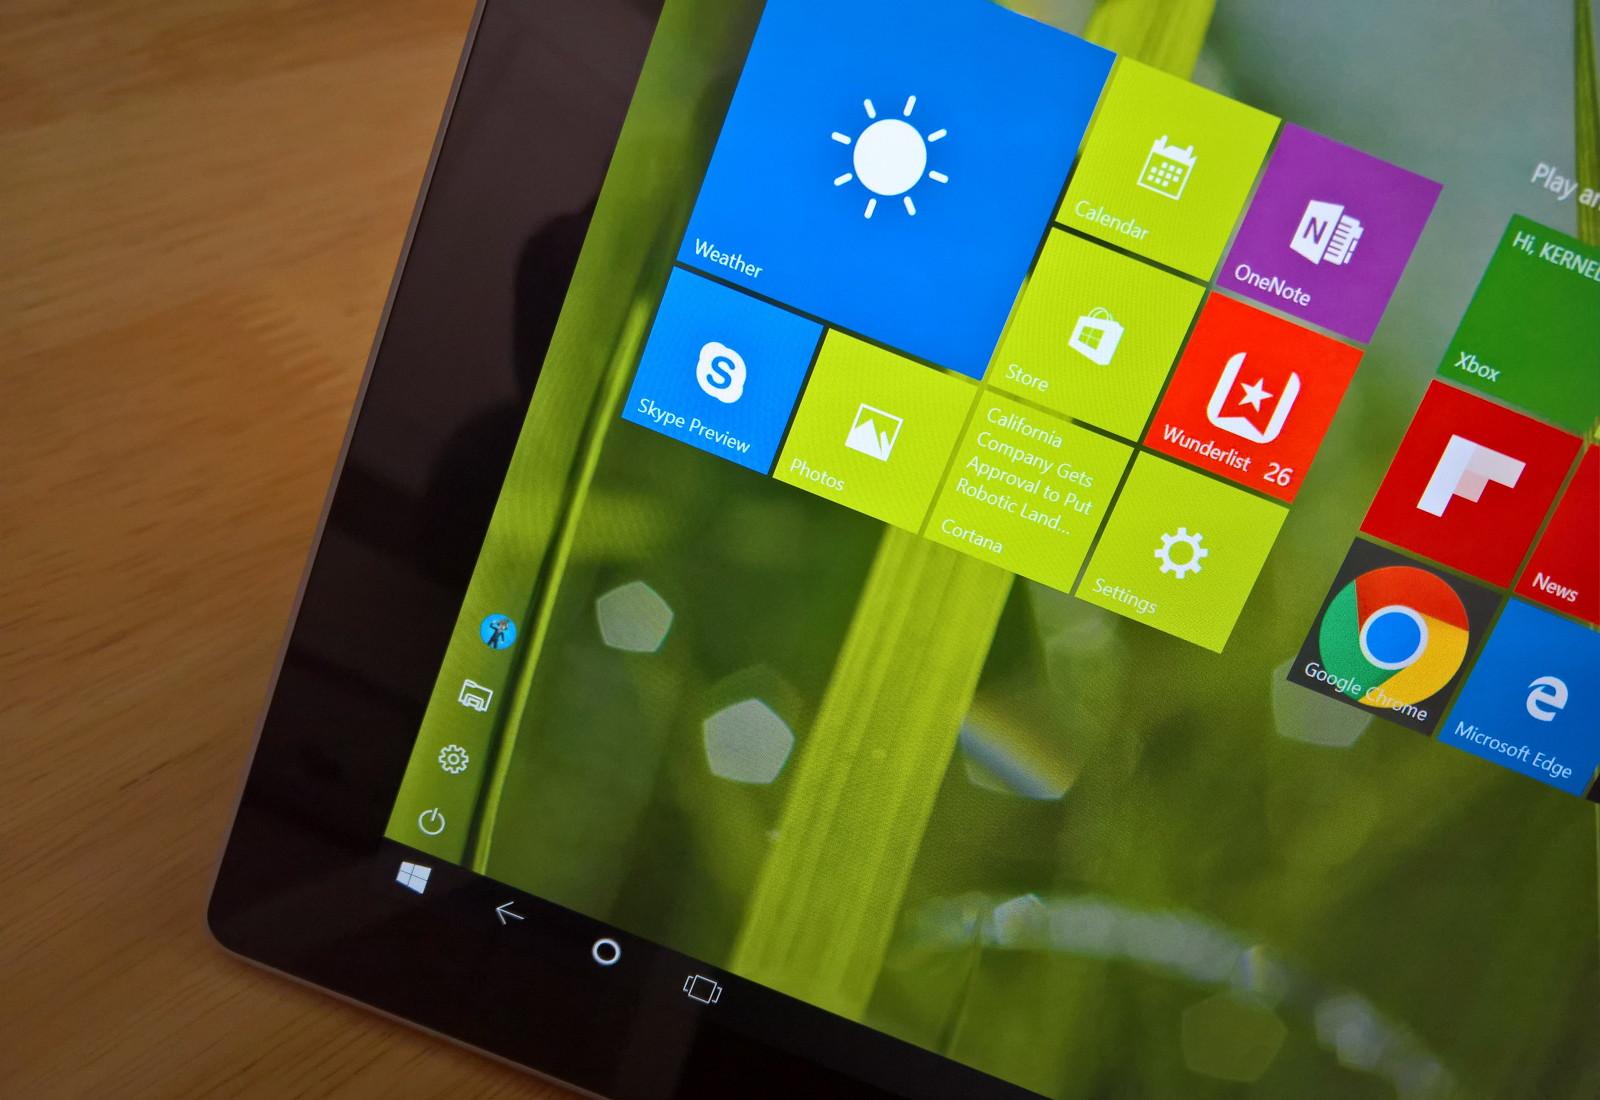 Windows 10 taskbar freezing issue | Windows 10 freezes and